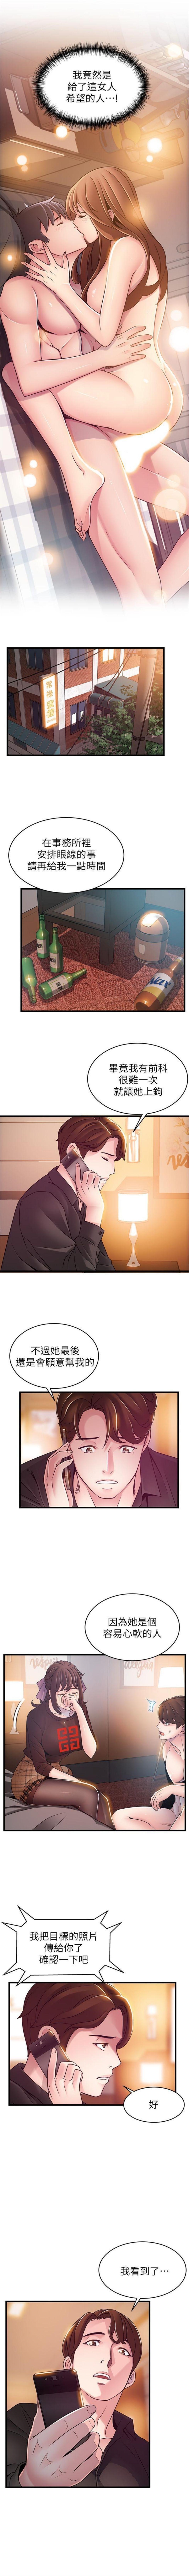 弱點 1-101 官方中文(連載中) 456